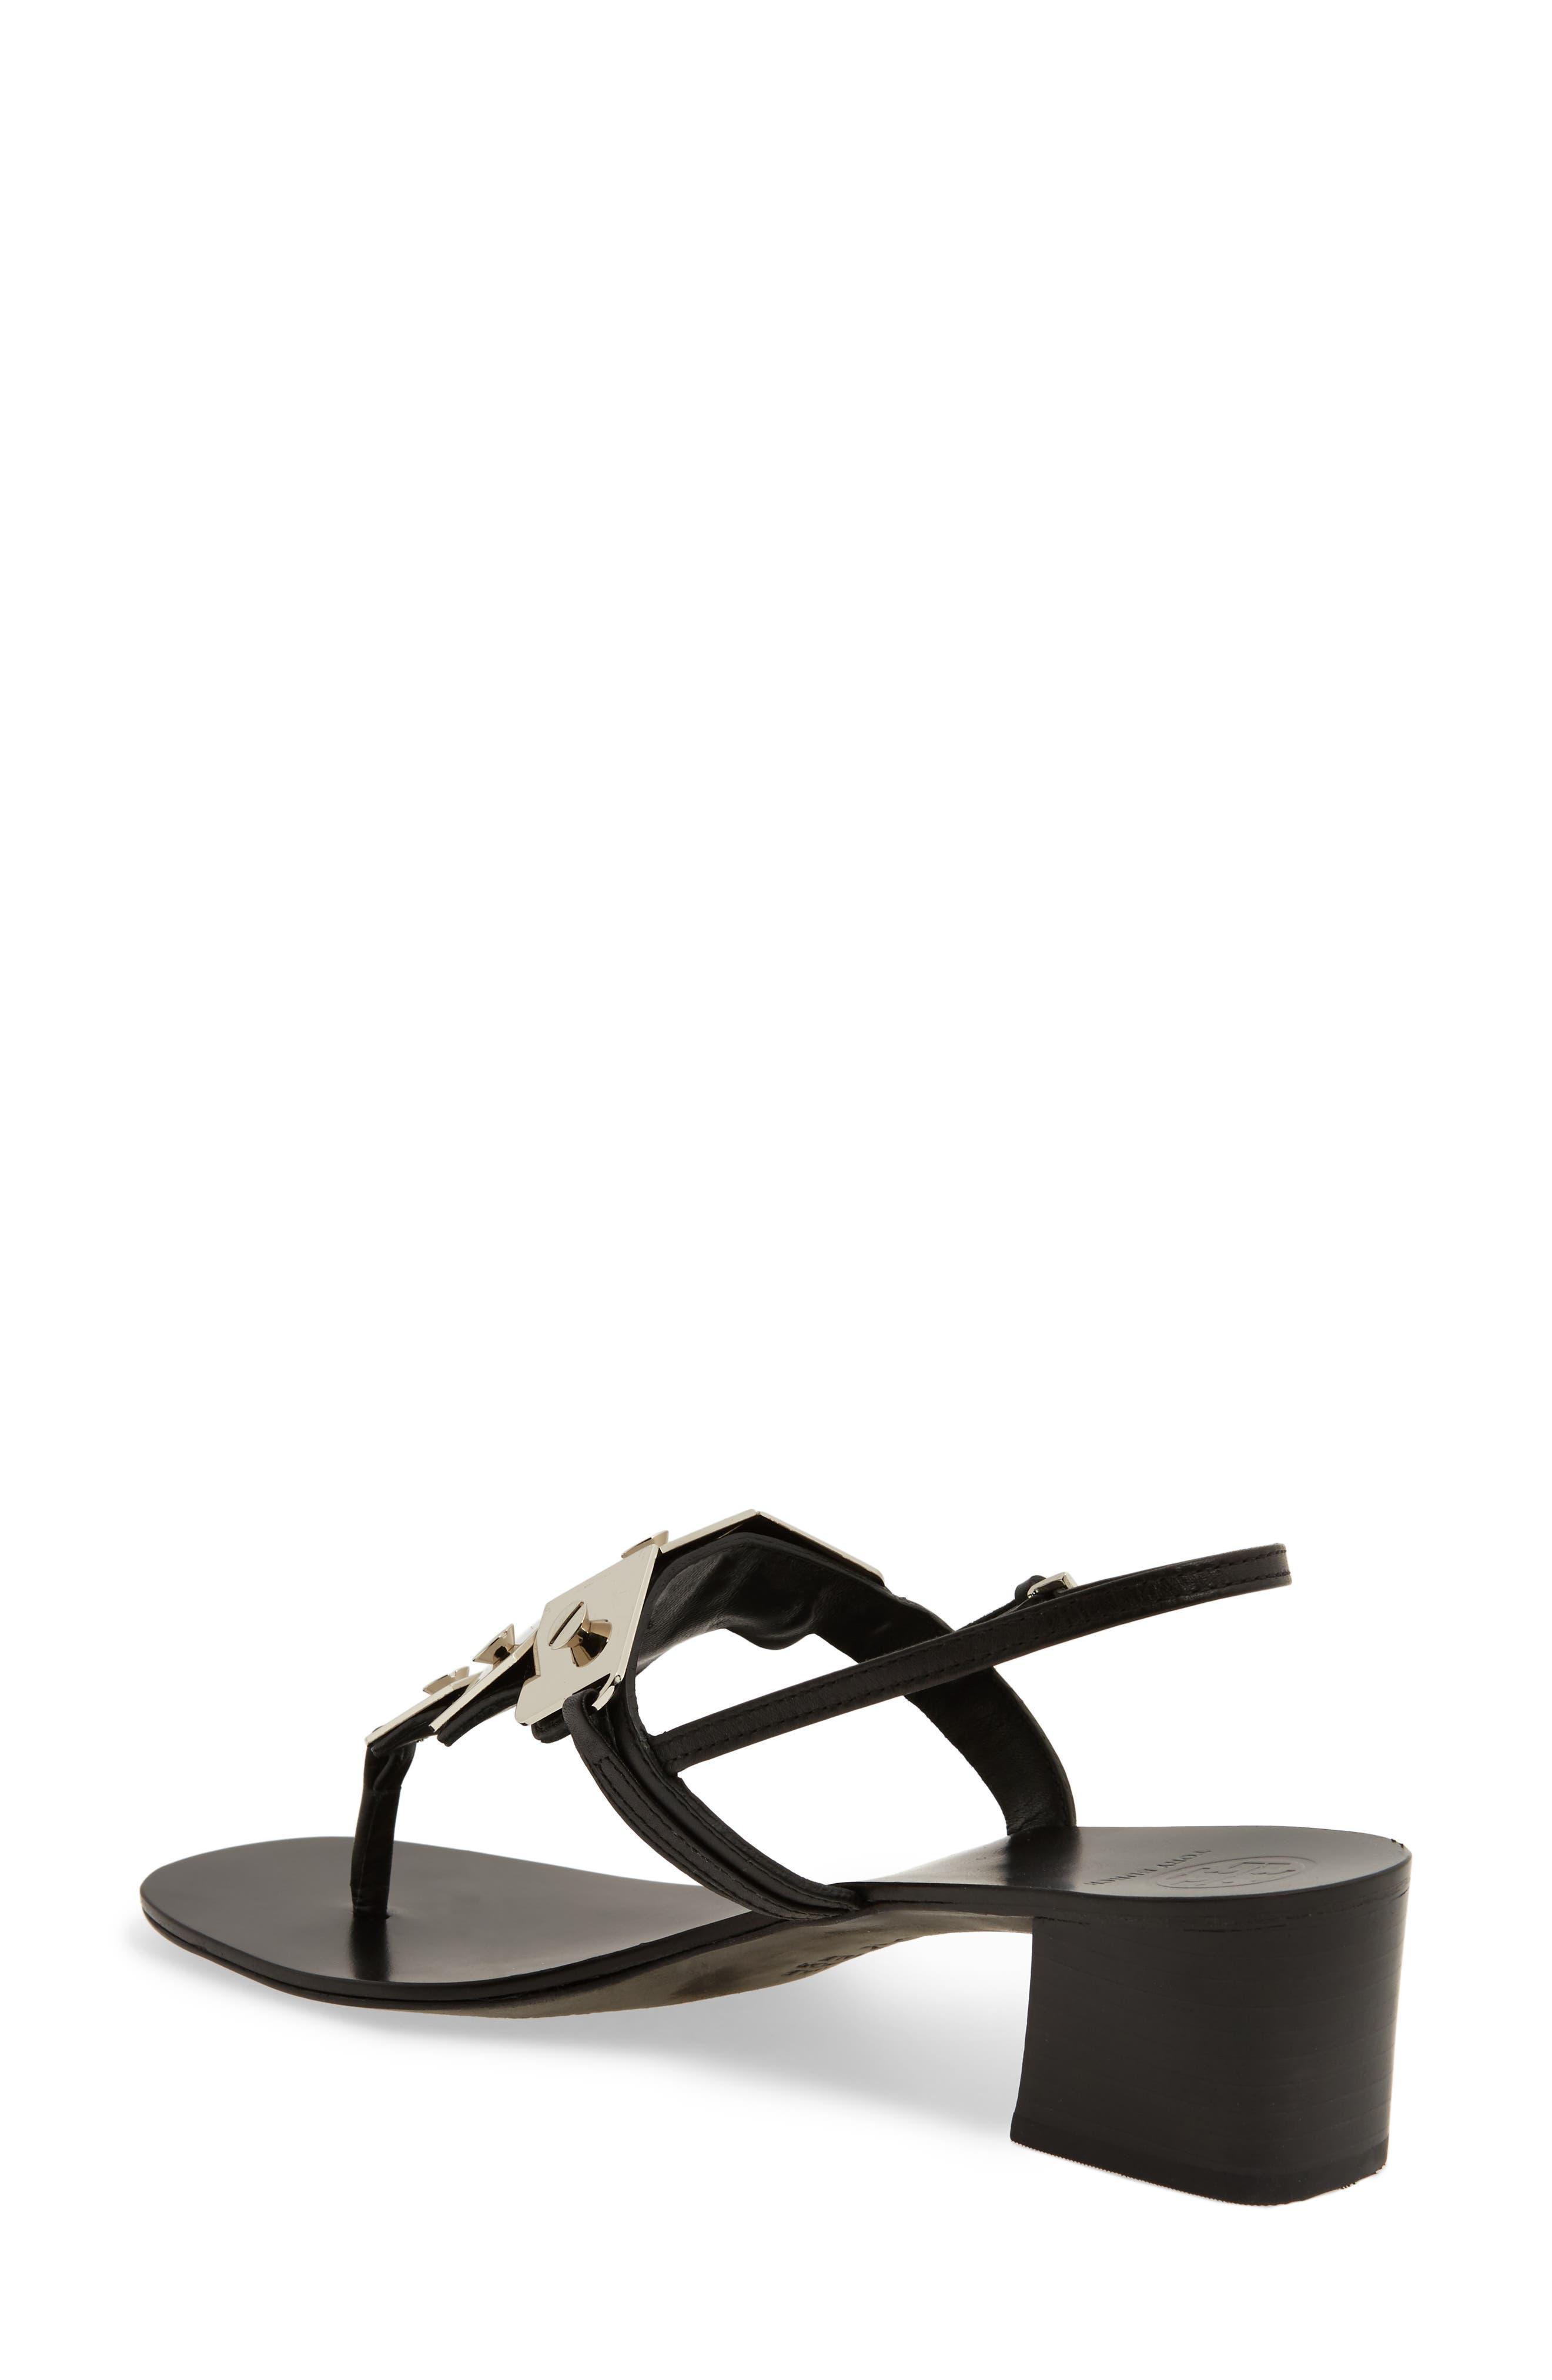 Thompson Sandal,                             Alternate thumbnail 2, color,                             Perfect Black